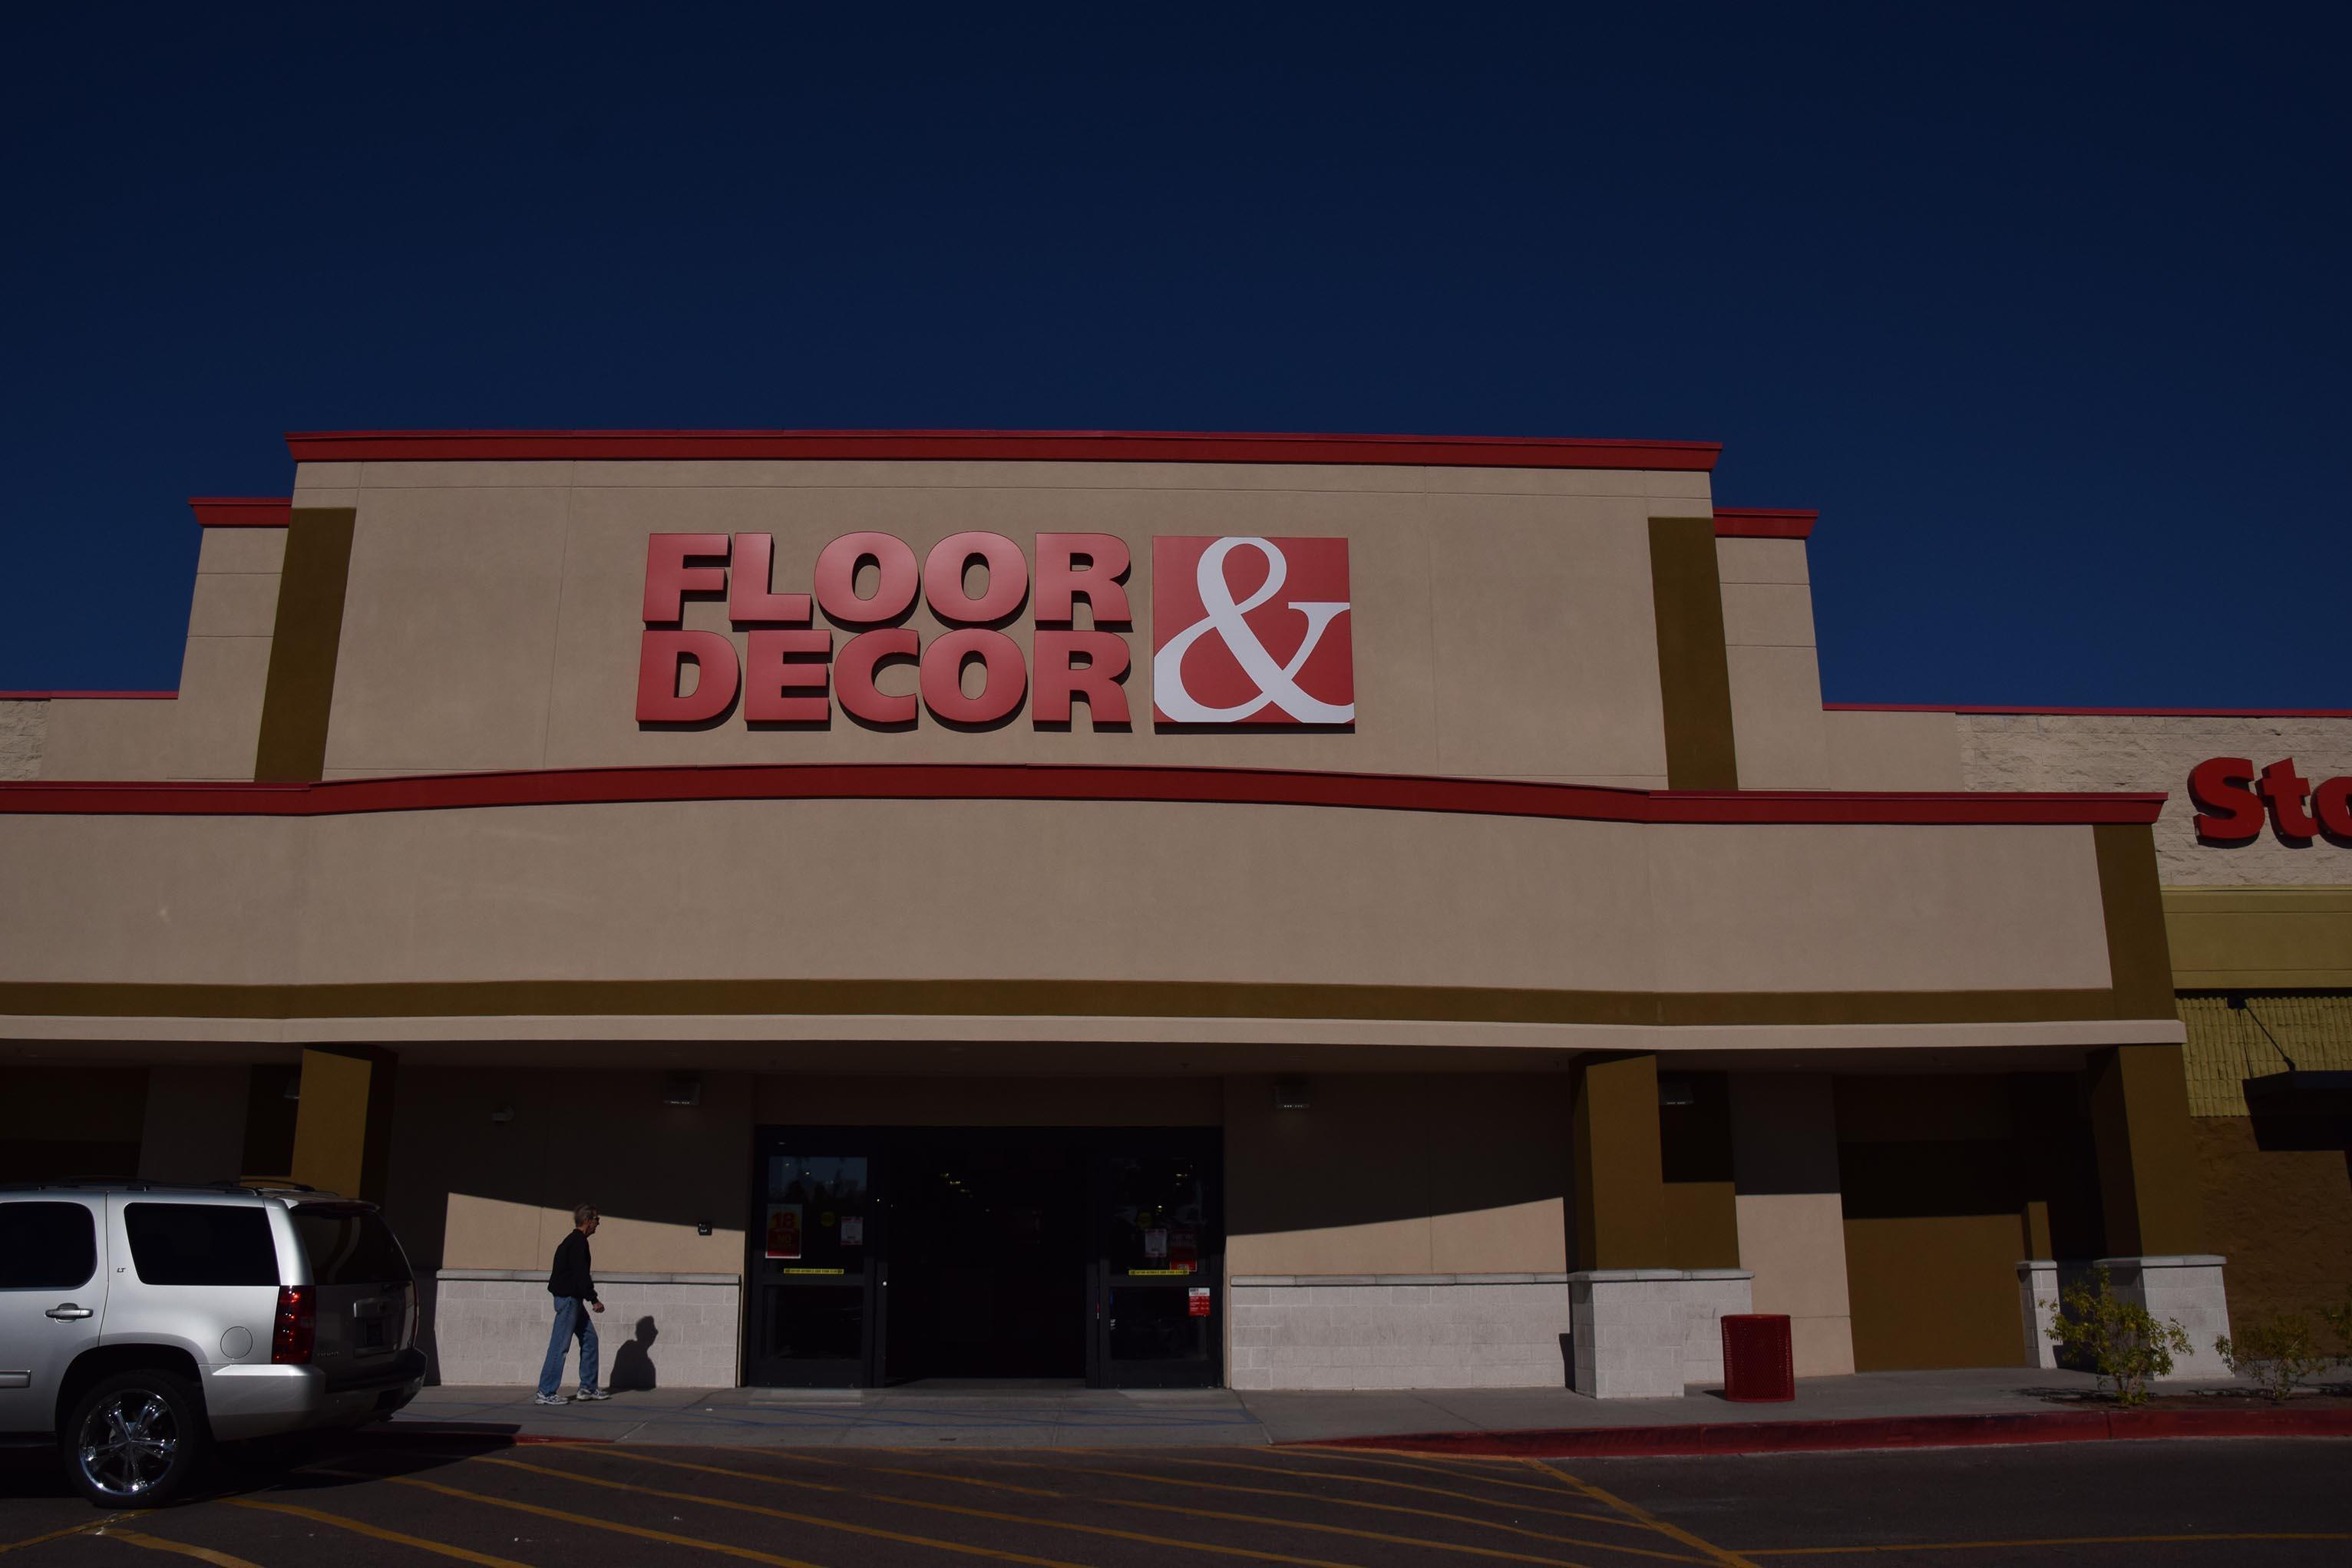 Floor & Decor image 13